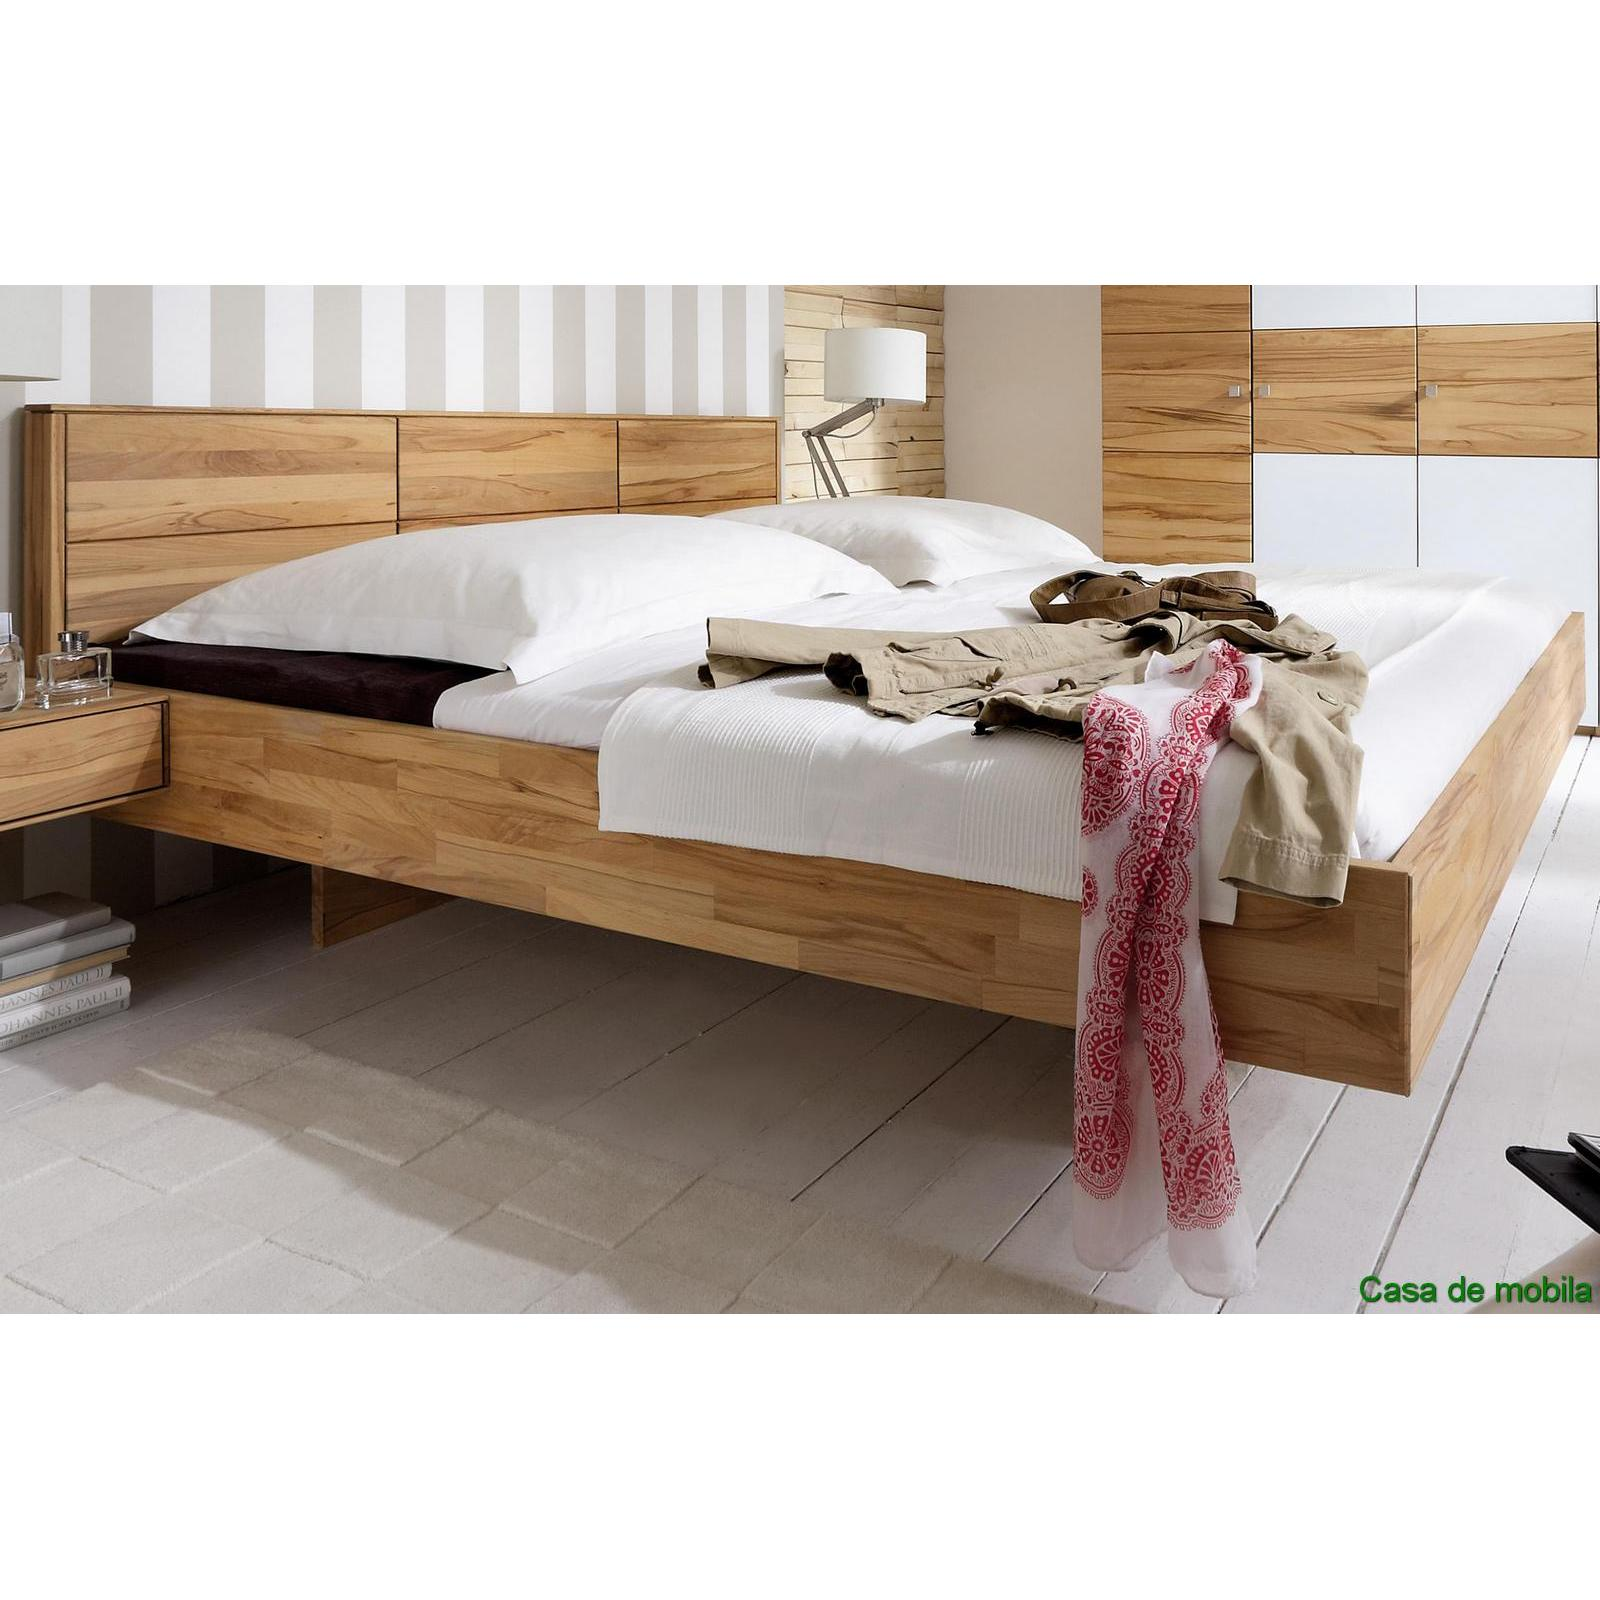 blumenkasten holz f r balkon selber bauen carprola for. Black Bedroom Furniture Sets. Home Design Ideas